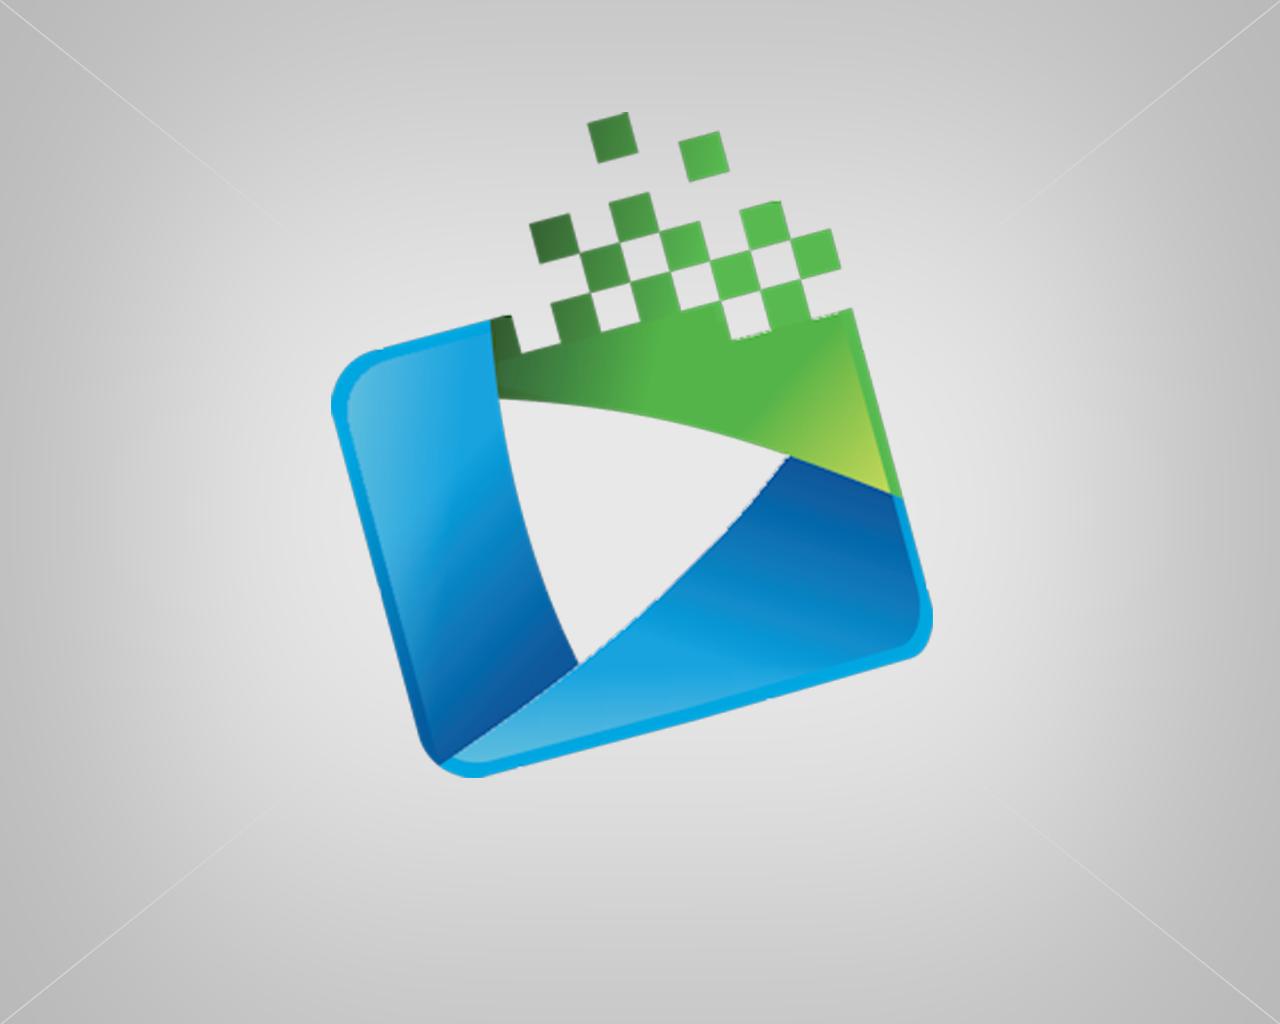 Taskbucks - Android - IN